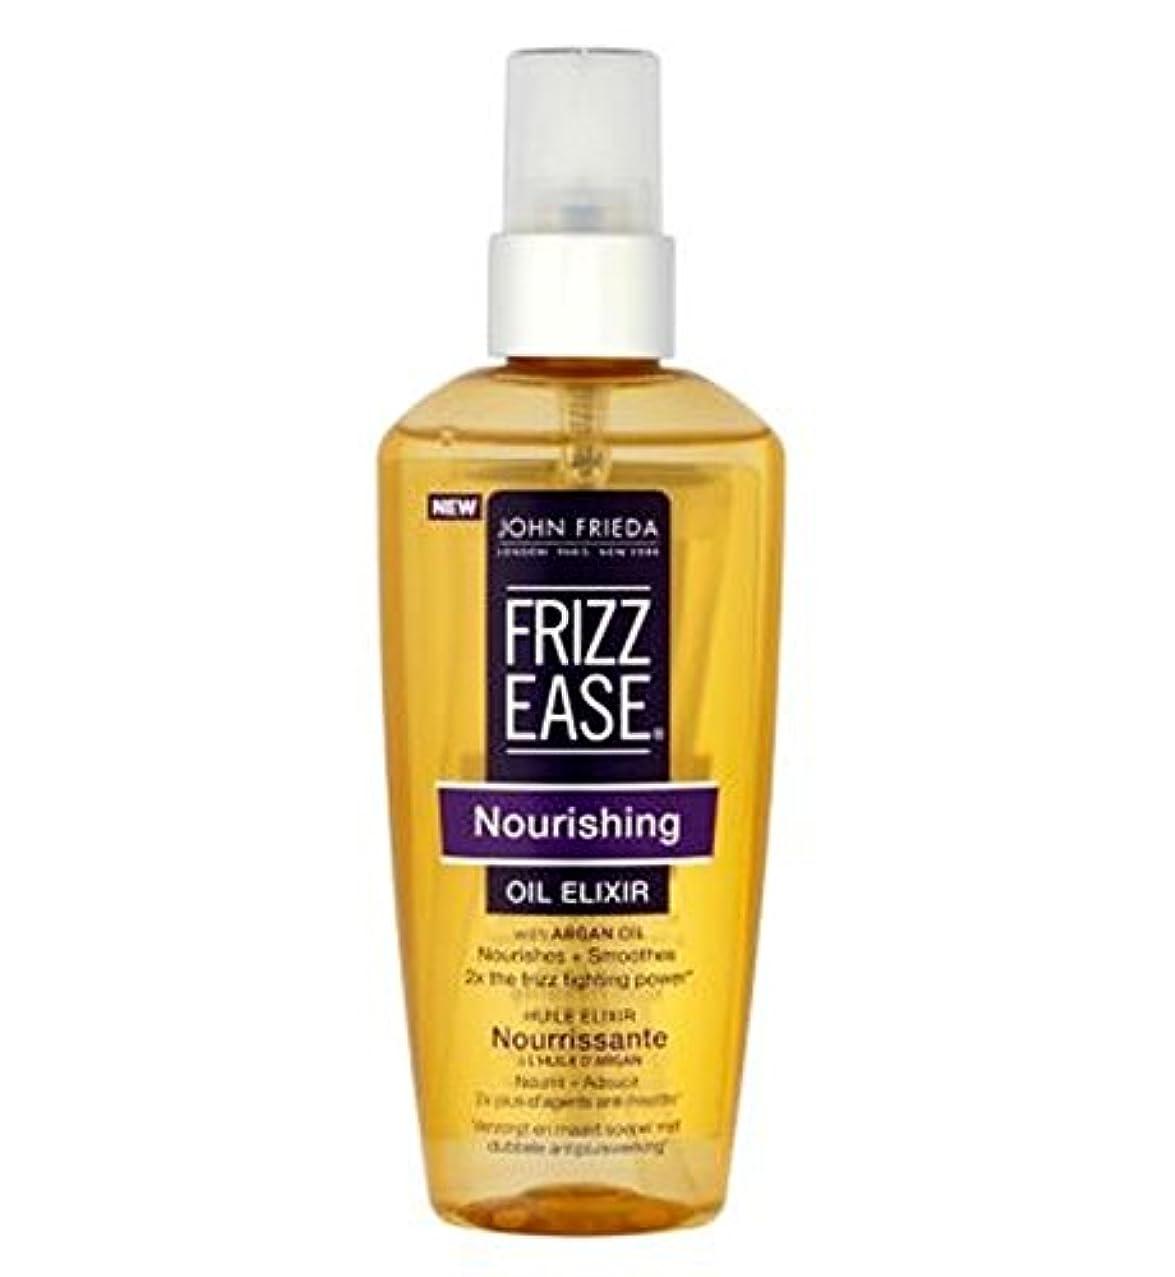 事業内容シャンパン袋John Frieda Frizz-Ease Nourishing Oil Elixir 100ml - ジョン?フリーダ縮れ-容易栄養オイルエリキシルの100ミリリットル (John Frieda) [並行輸入品]